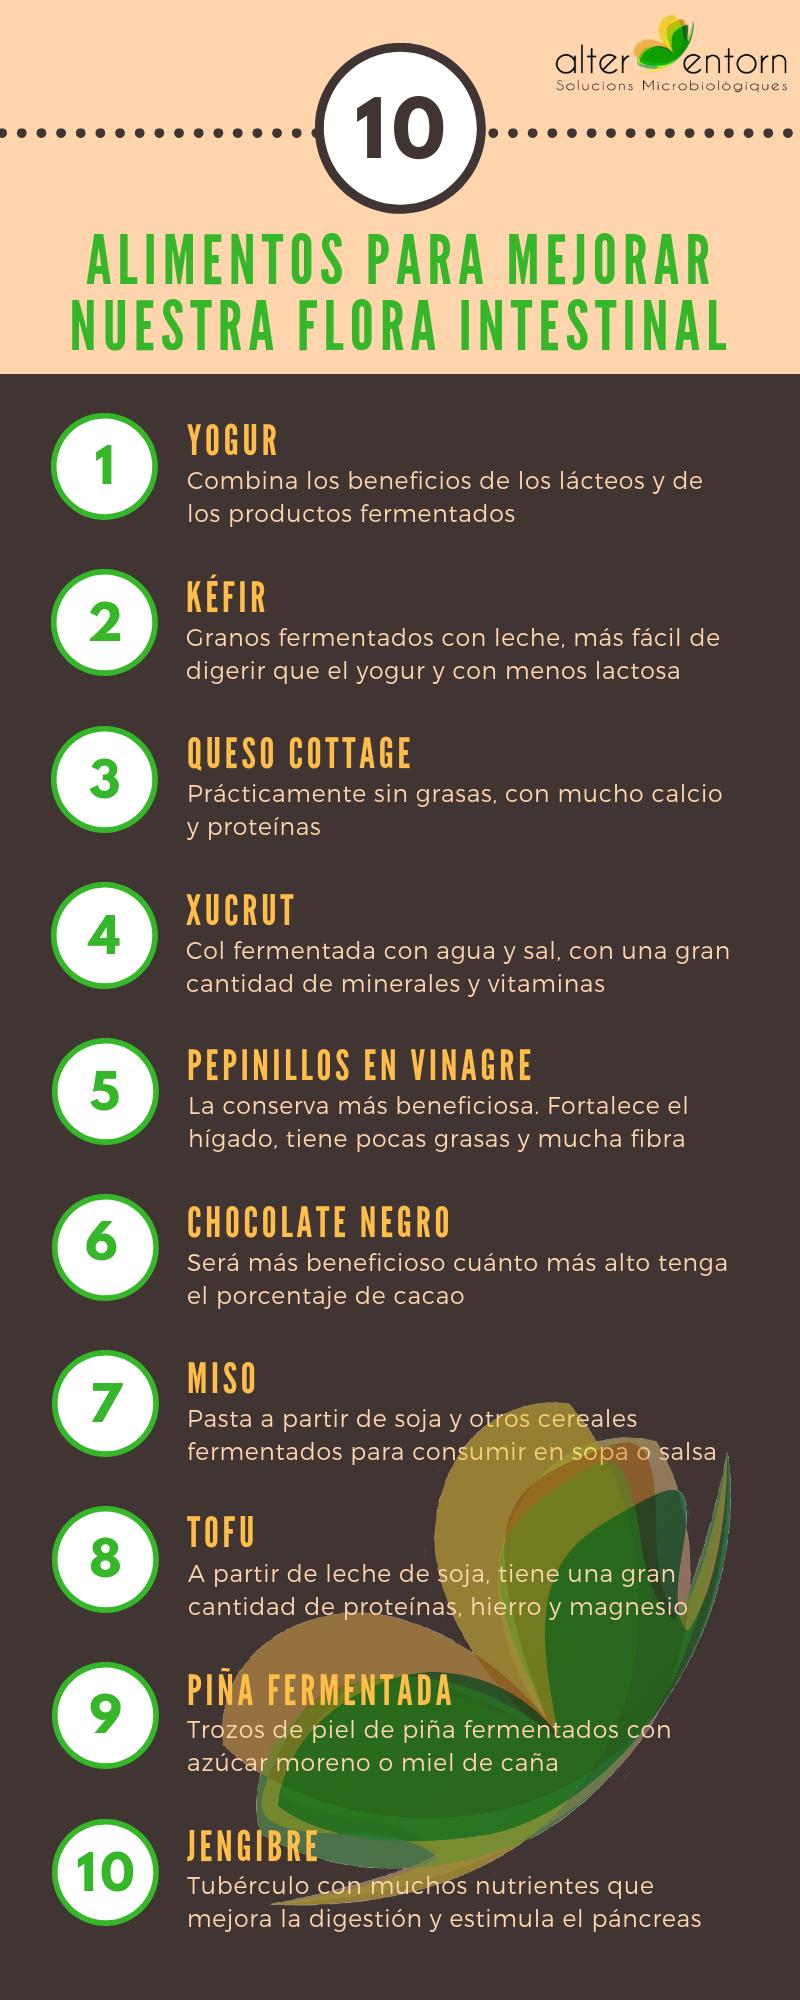 10 Alimentos Para Mejorar La Flora Intestinal Alter Entorn